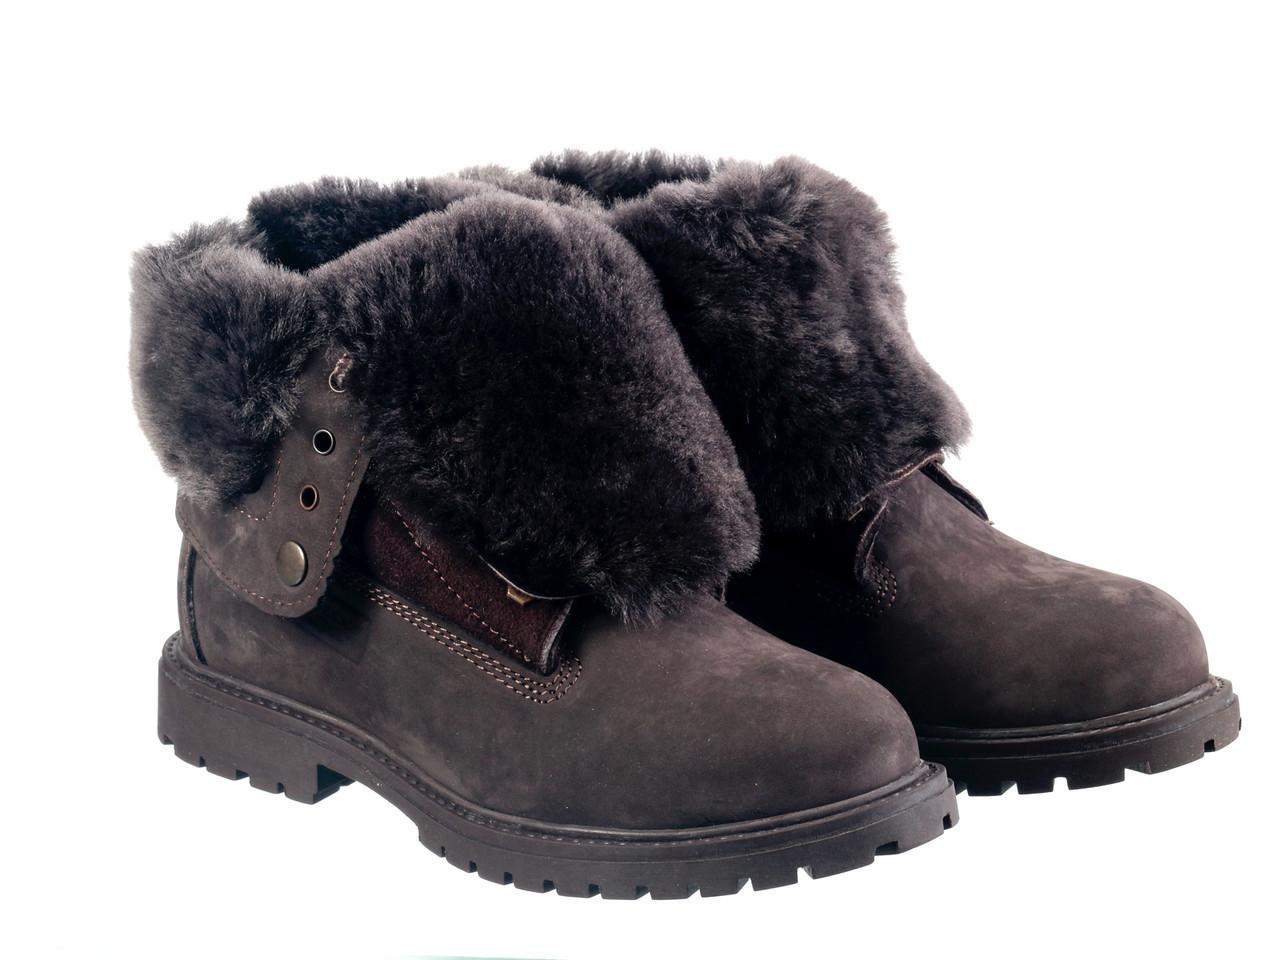 Ботинки Etor 10315-2298-1516 37 мокко